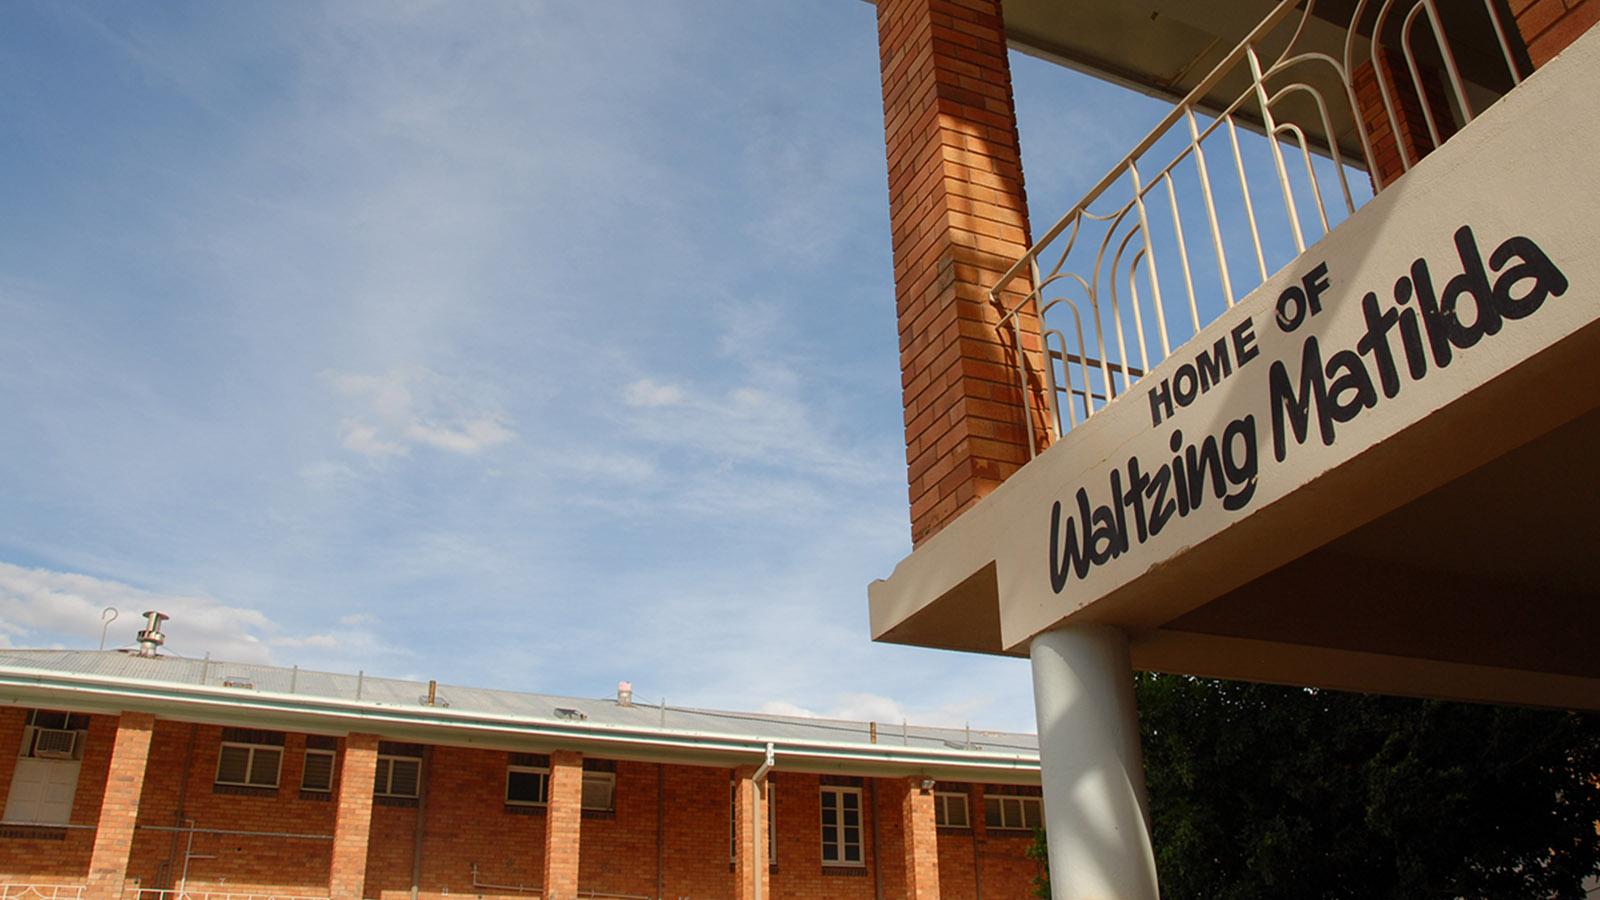 """Im North Gregory Hotel von Witon wurde """"Waltzing Matilda"""" erstmals öffentlich aufgeführt. Foto: Hilke Maunder"""